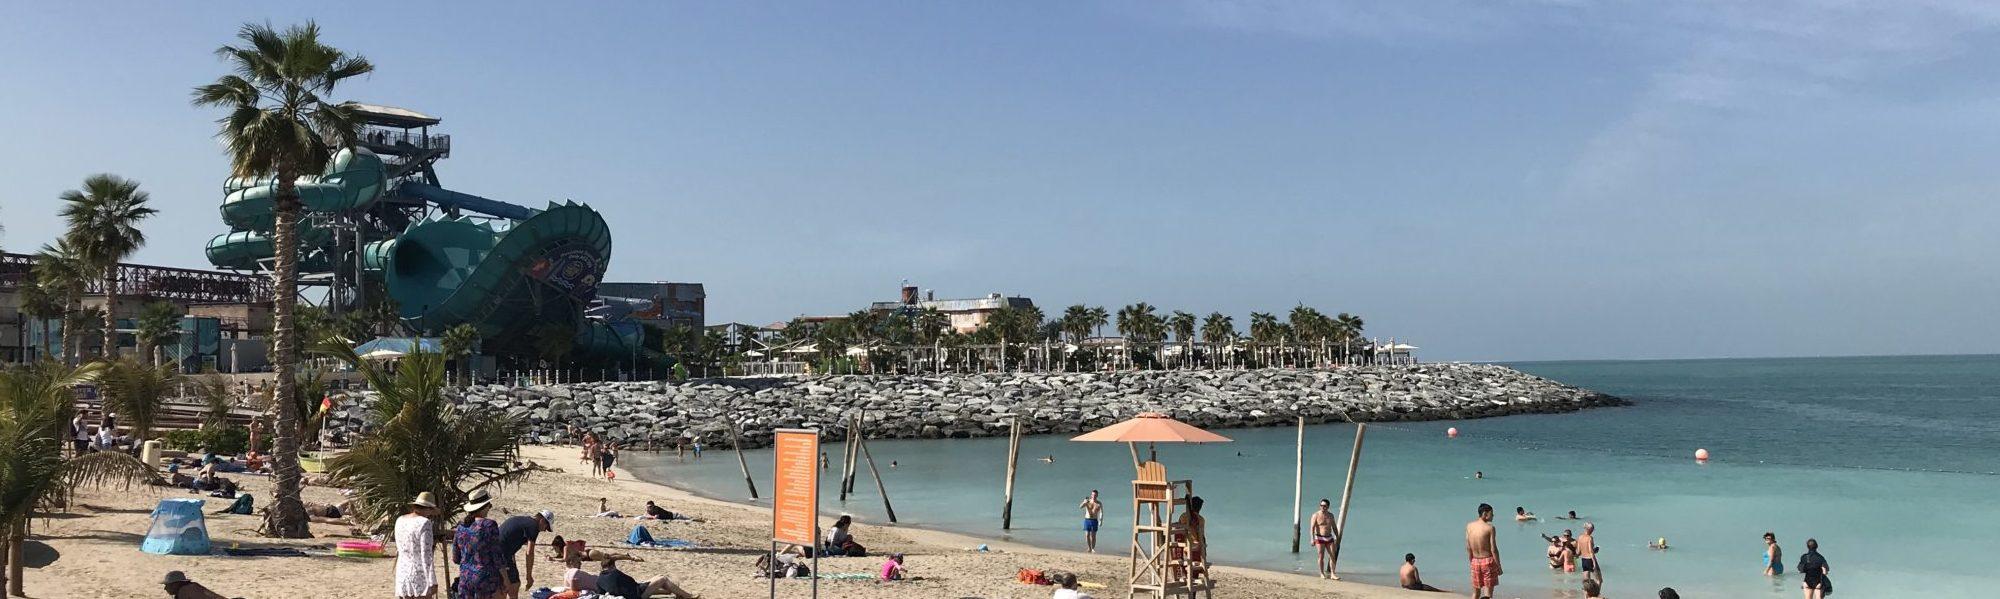 strand La Mer Dubai